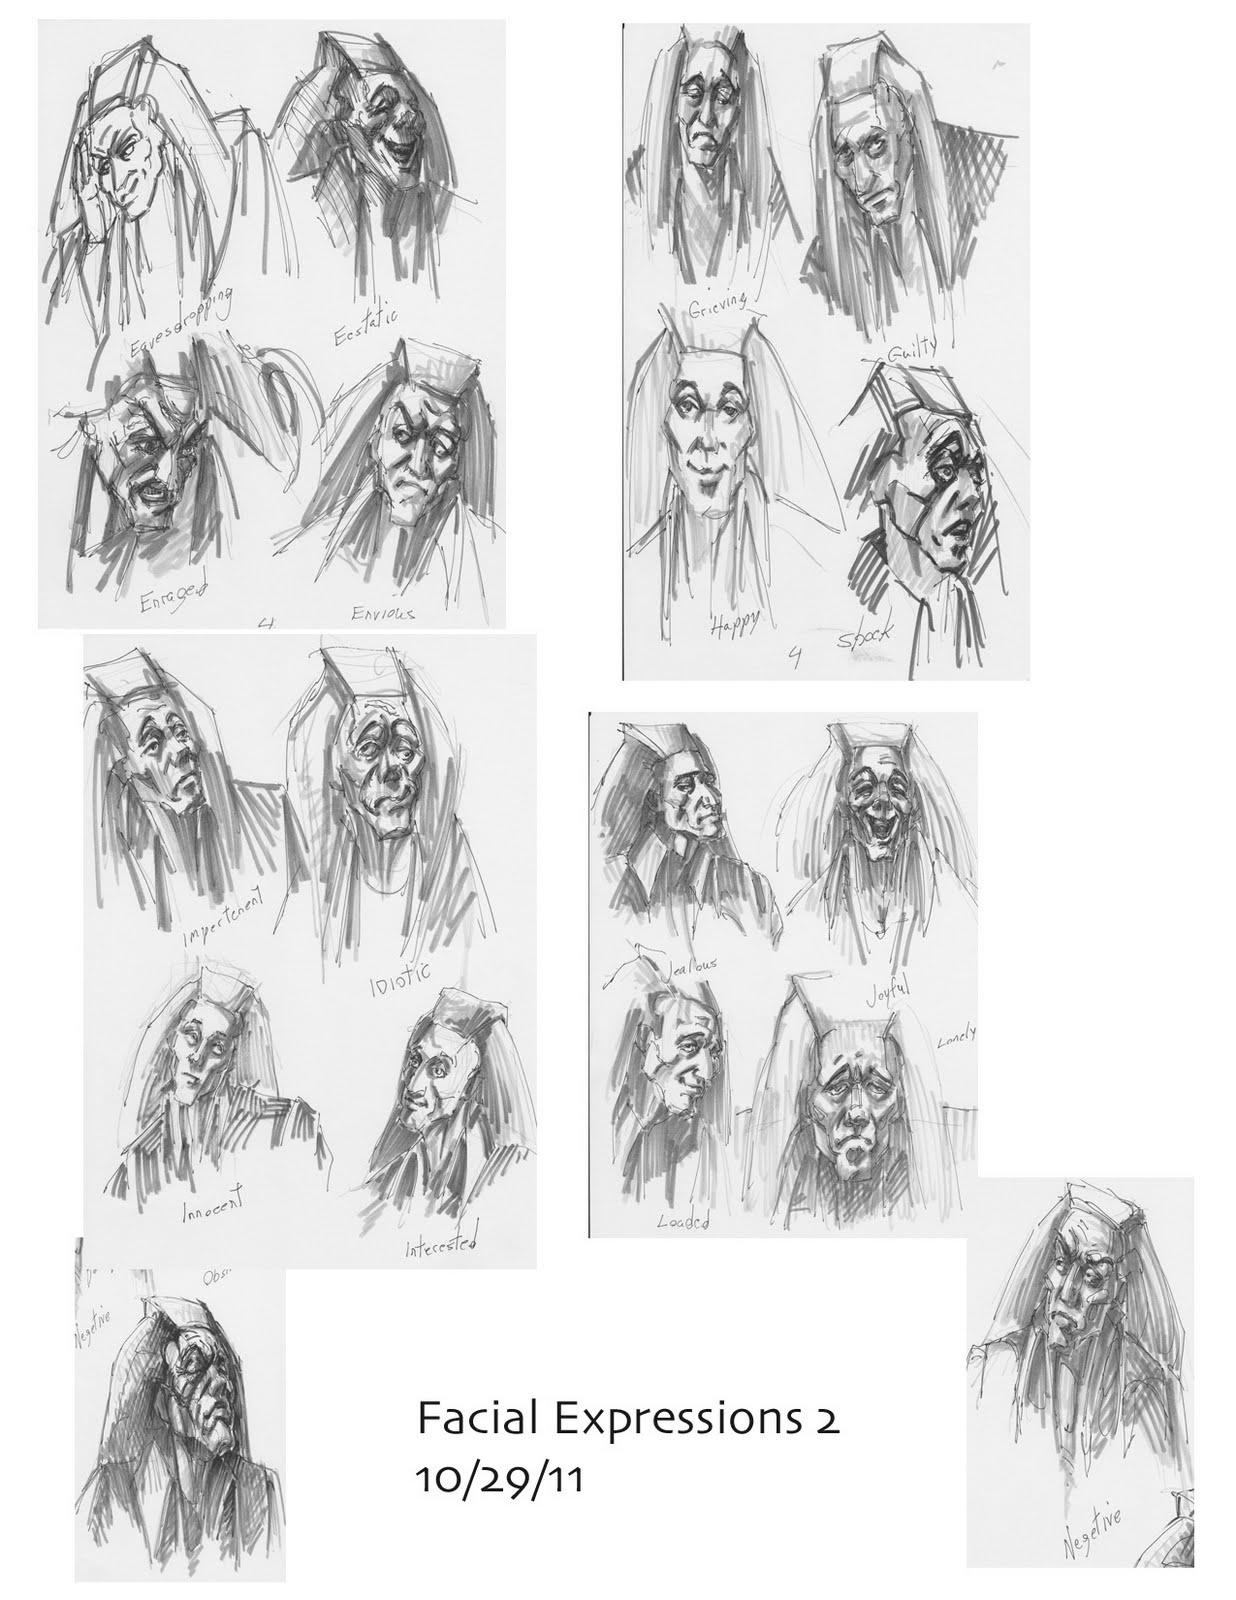 http://4.bp.blogspot.com/-cWAxcj36C3U/TqxCACFp8kI/AAAAAAAAADU/c4S65KbI1XQ/s1600/Facial_expressions2_1.jpg